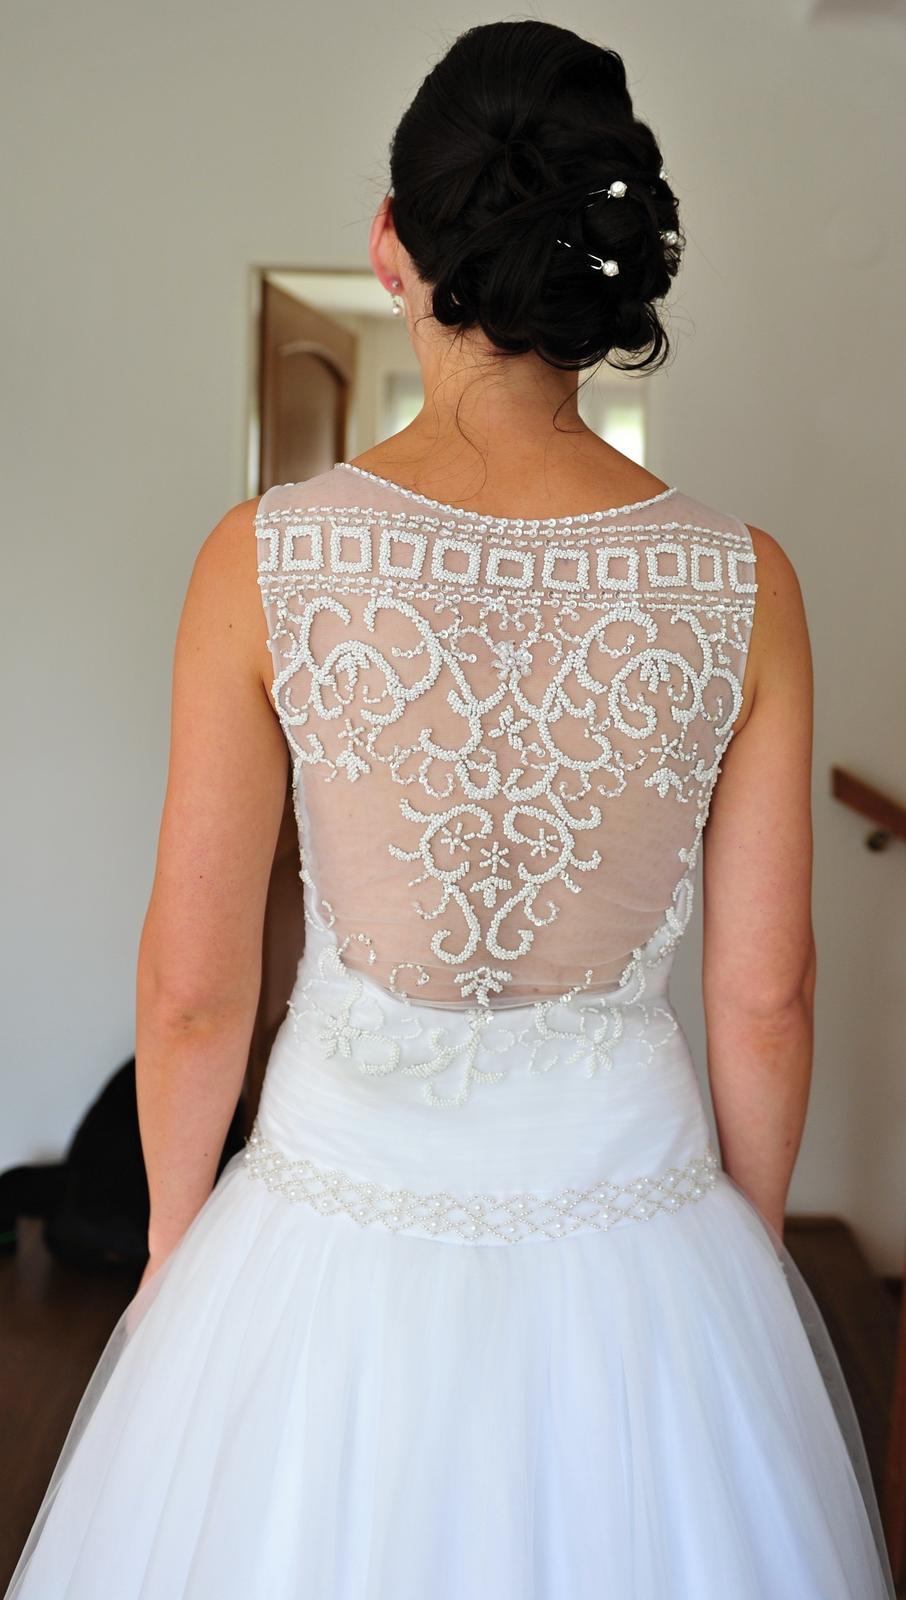 Svadobné tylové šaty - Obrázok č. 3